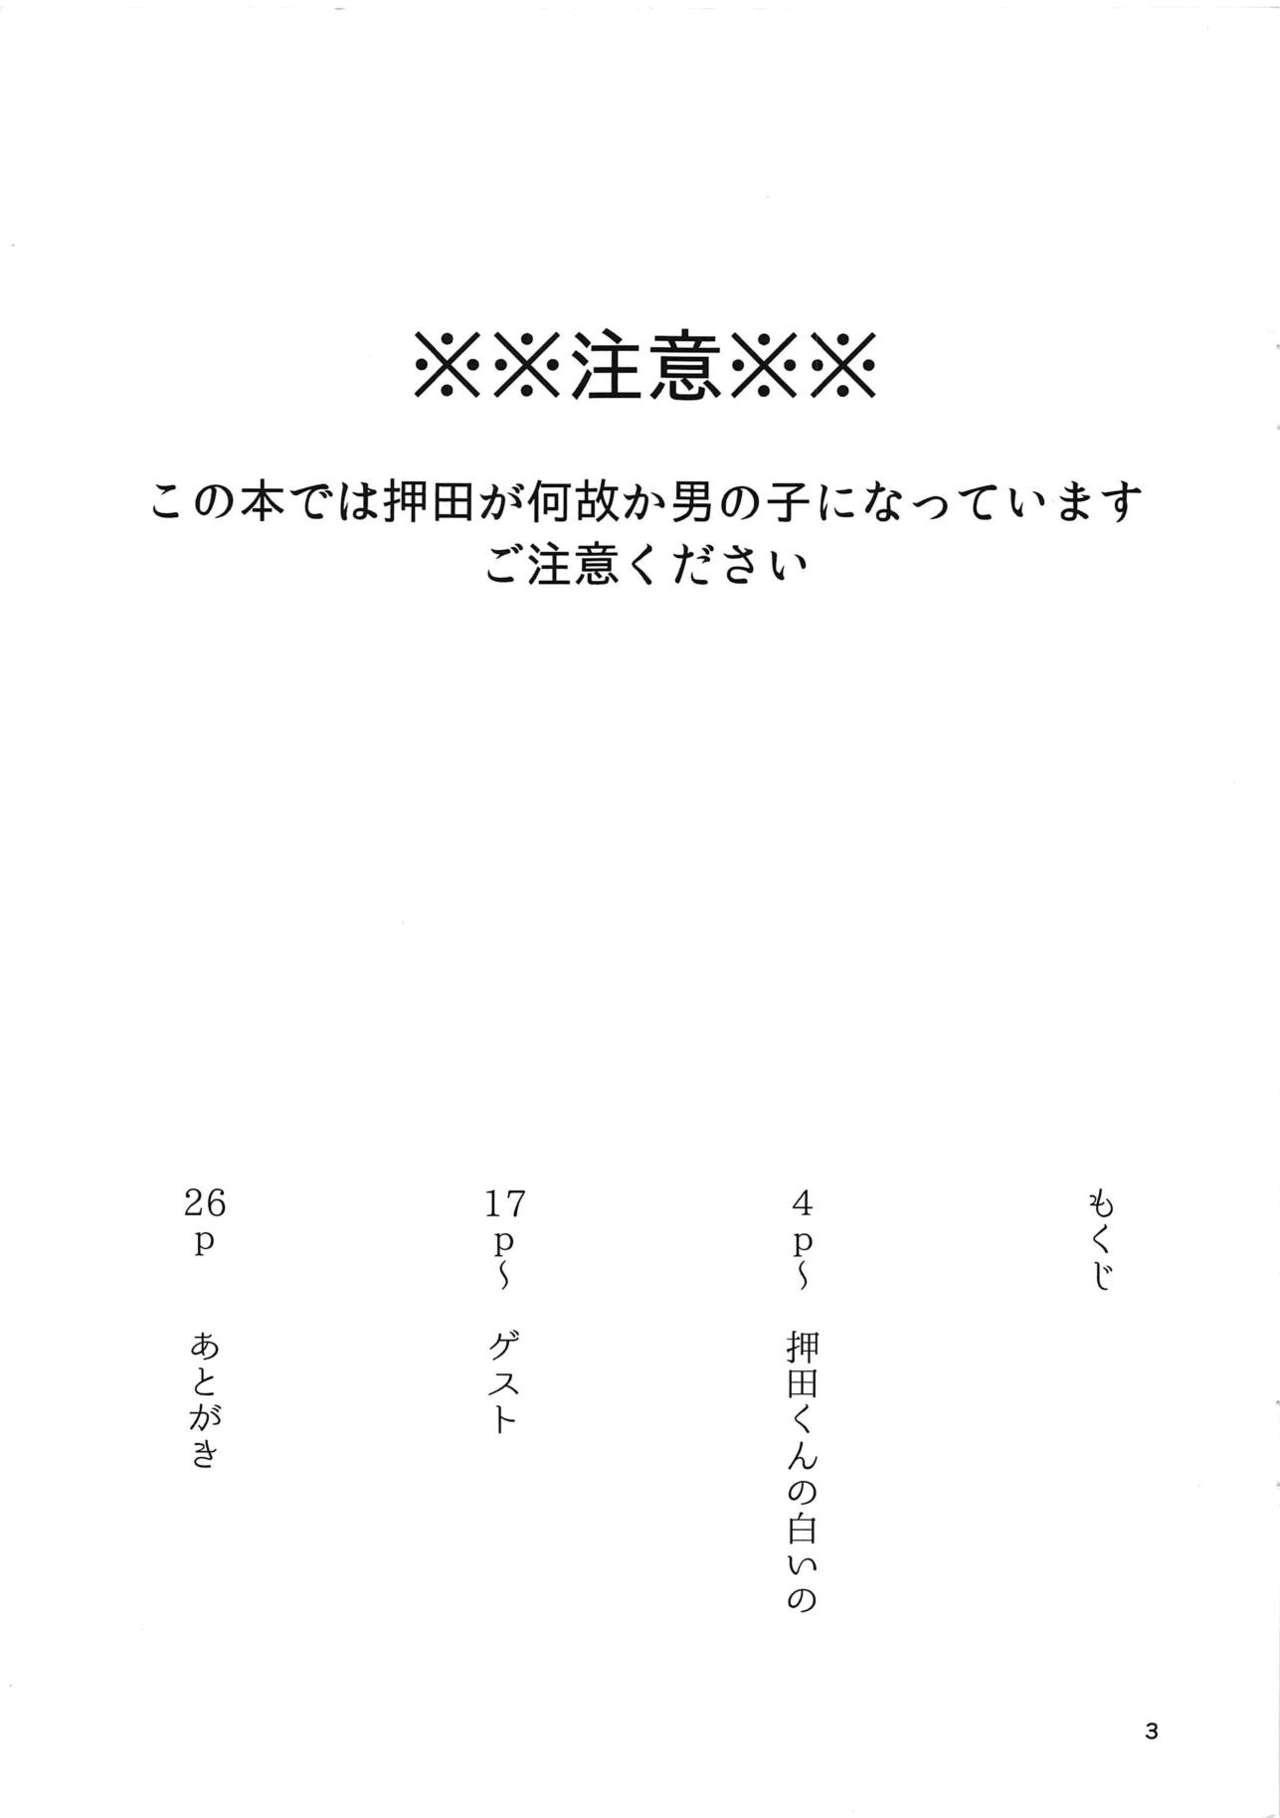 Oshida-kun no Shiroi no 1